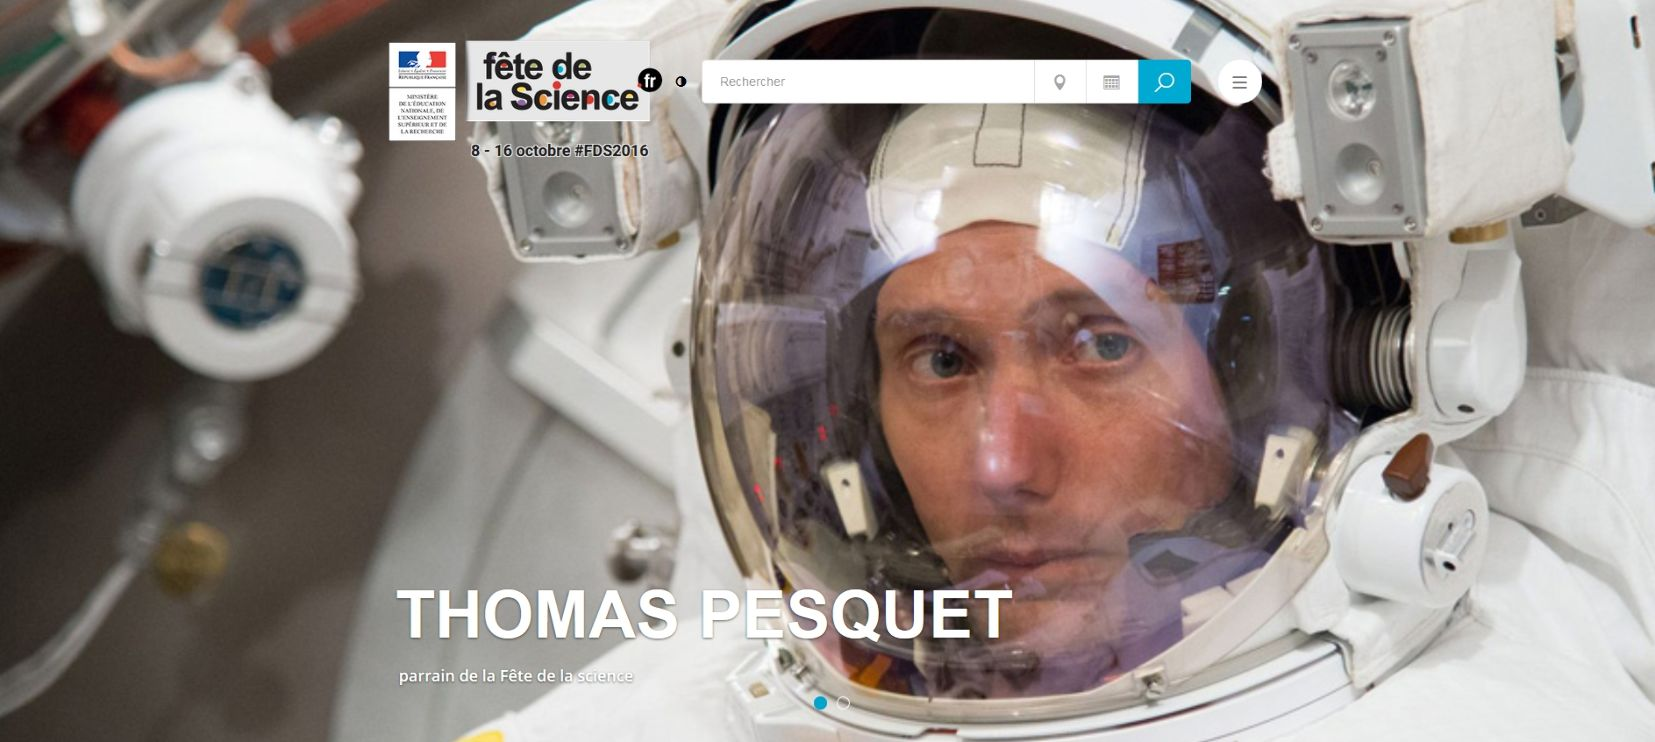 Thomas Pesquet parrain de la 25e Fête de la Science